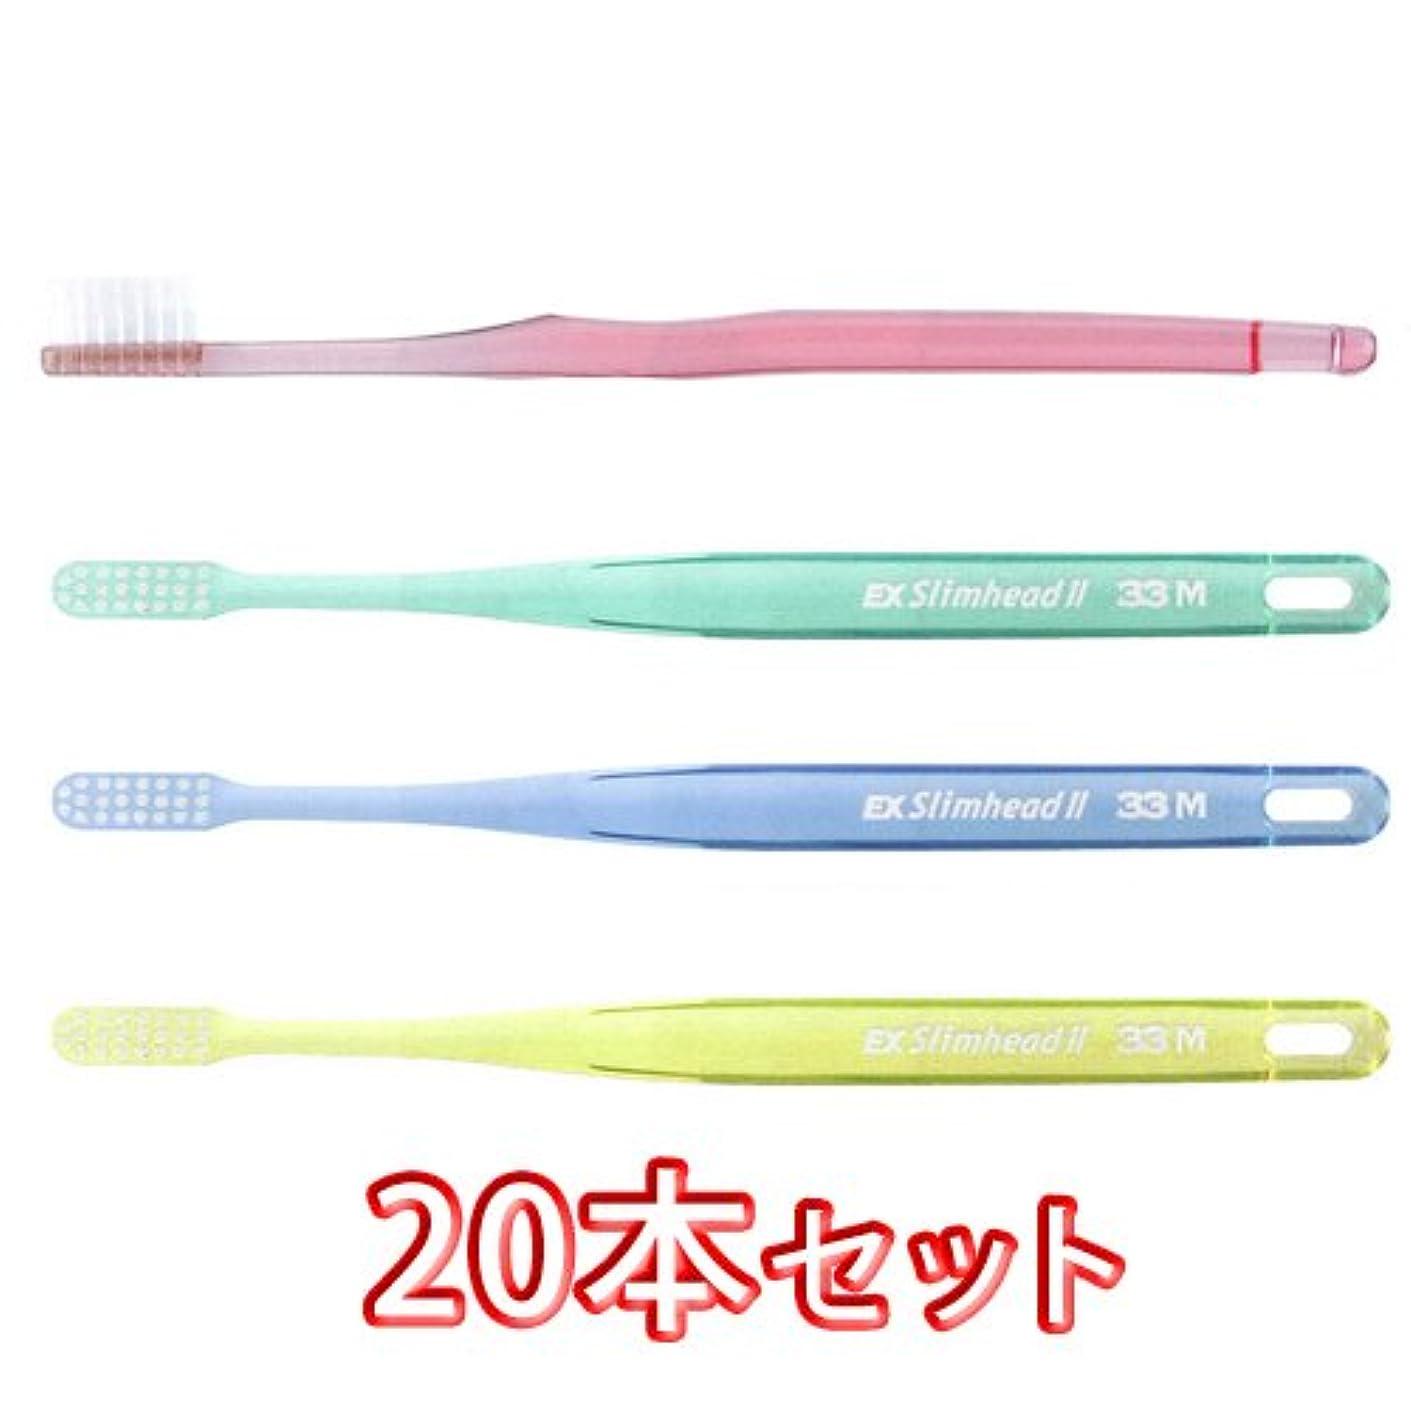 近代化する気質あたりライオン スリムヘッド2 歯ブラシ DENT . EX Slimhead2 20本入 (33M)